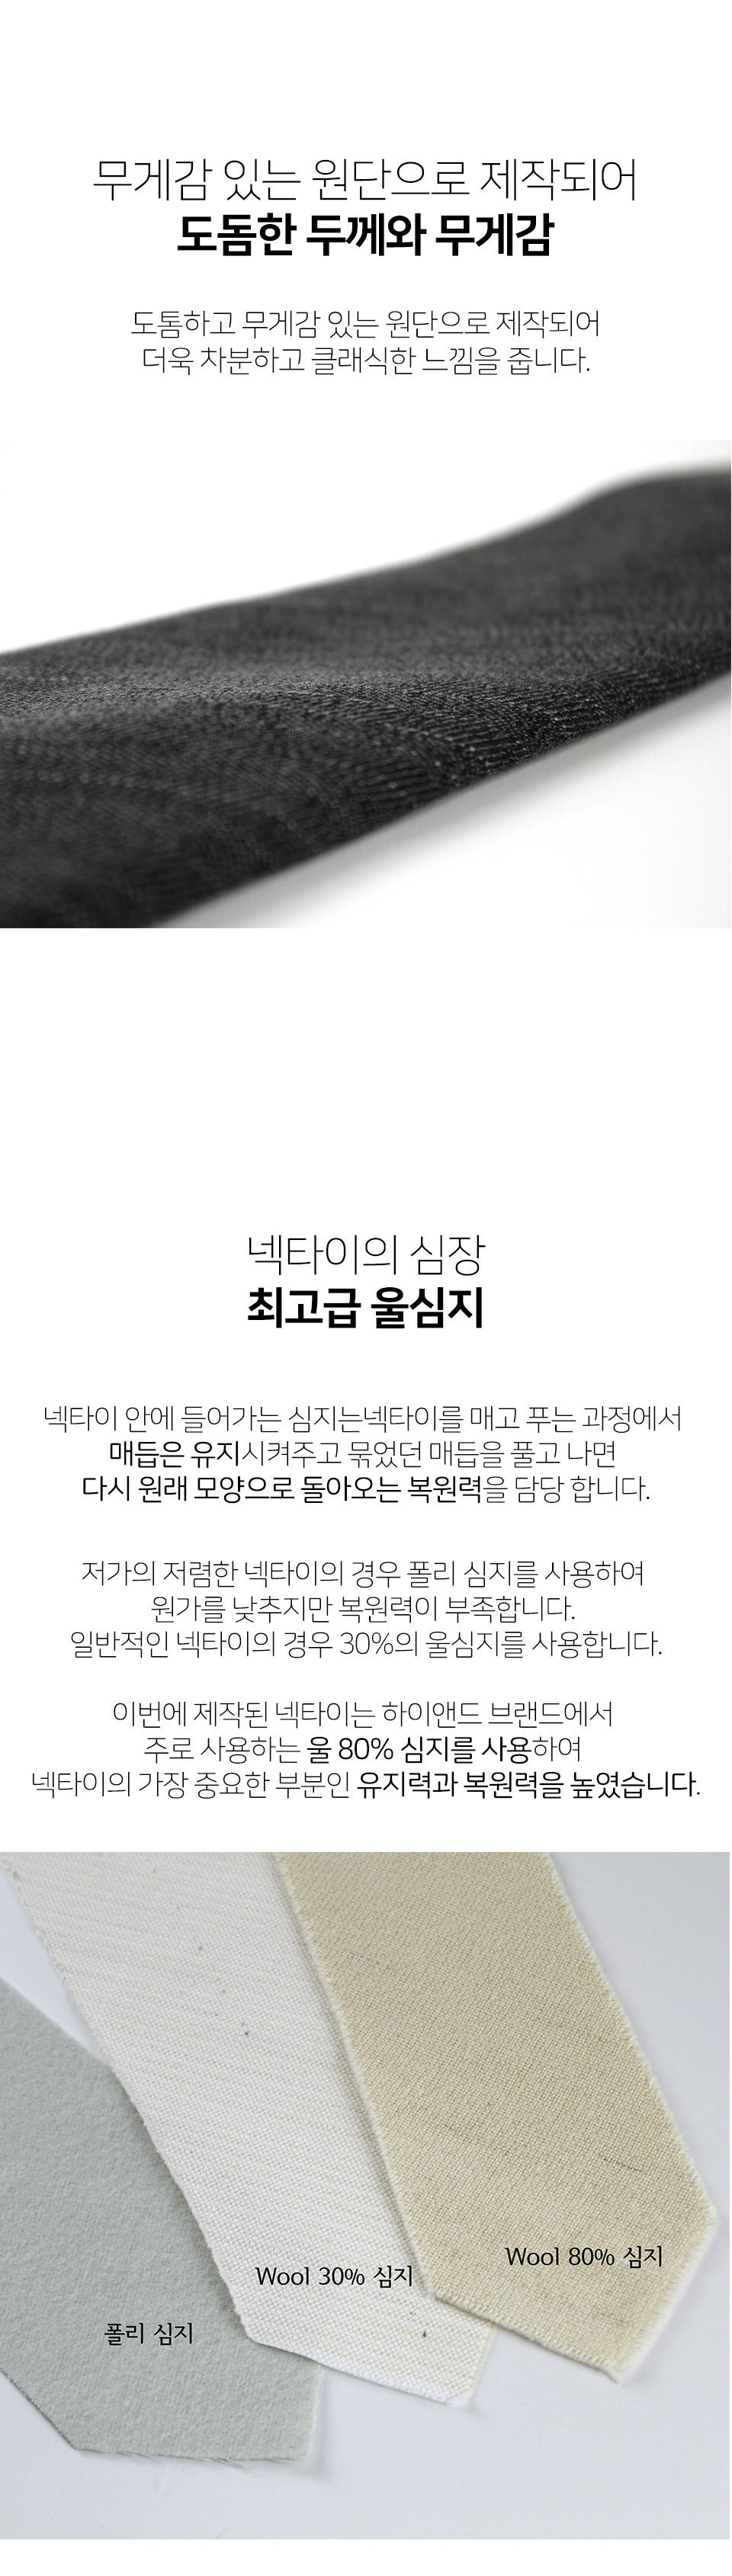 타이러스트(TIERUST) 레지멘탈 차콜 넥타이 N617 폭8cm